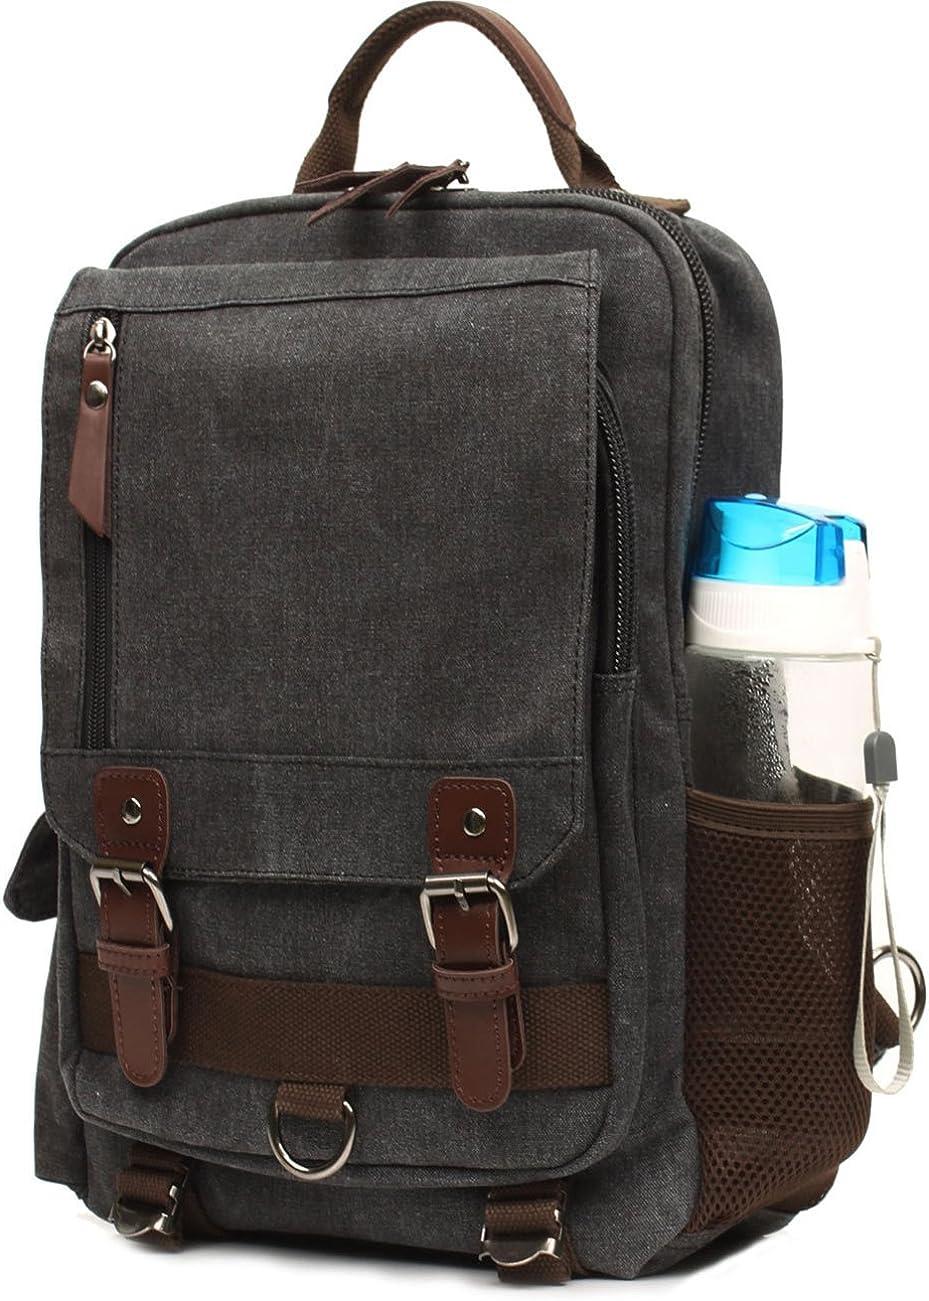 Mygreen Sling Canvas Cross Body 13-inch Laptop Messenger Bag Shoulder Backpack